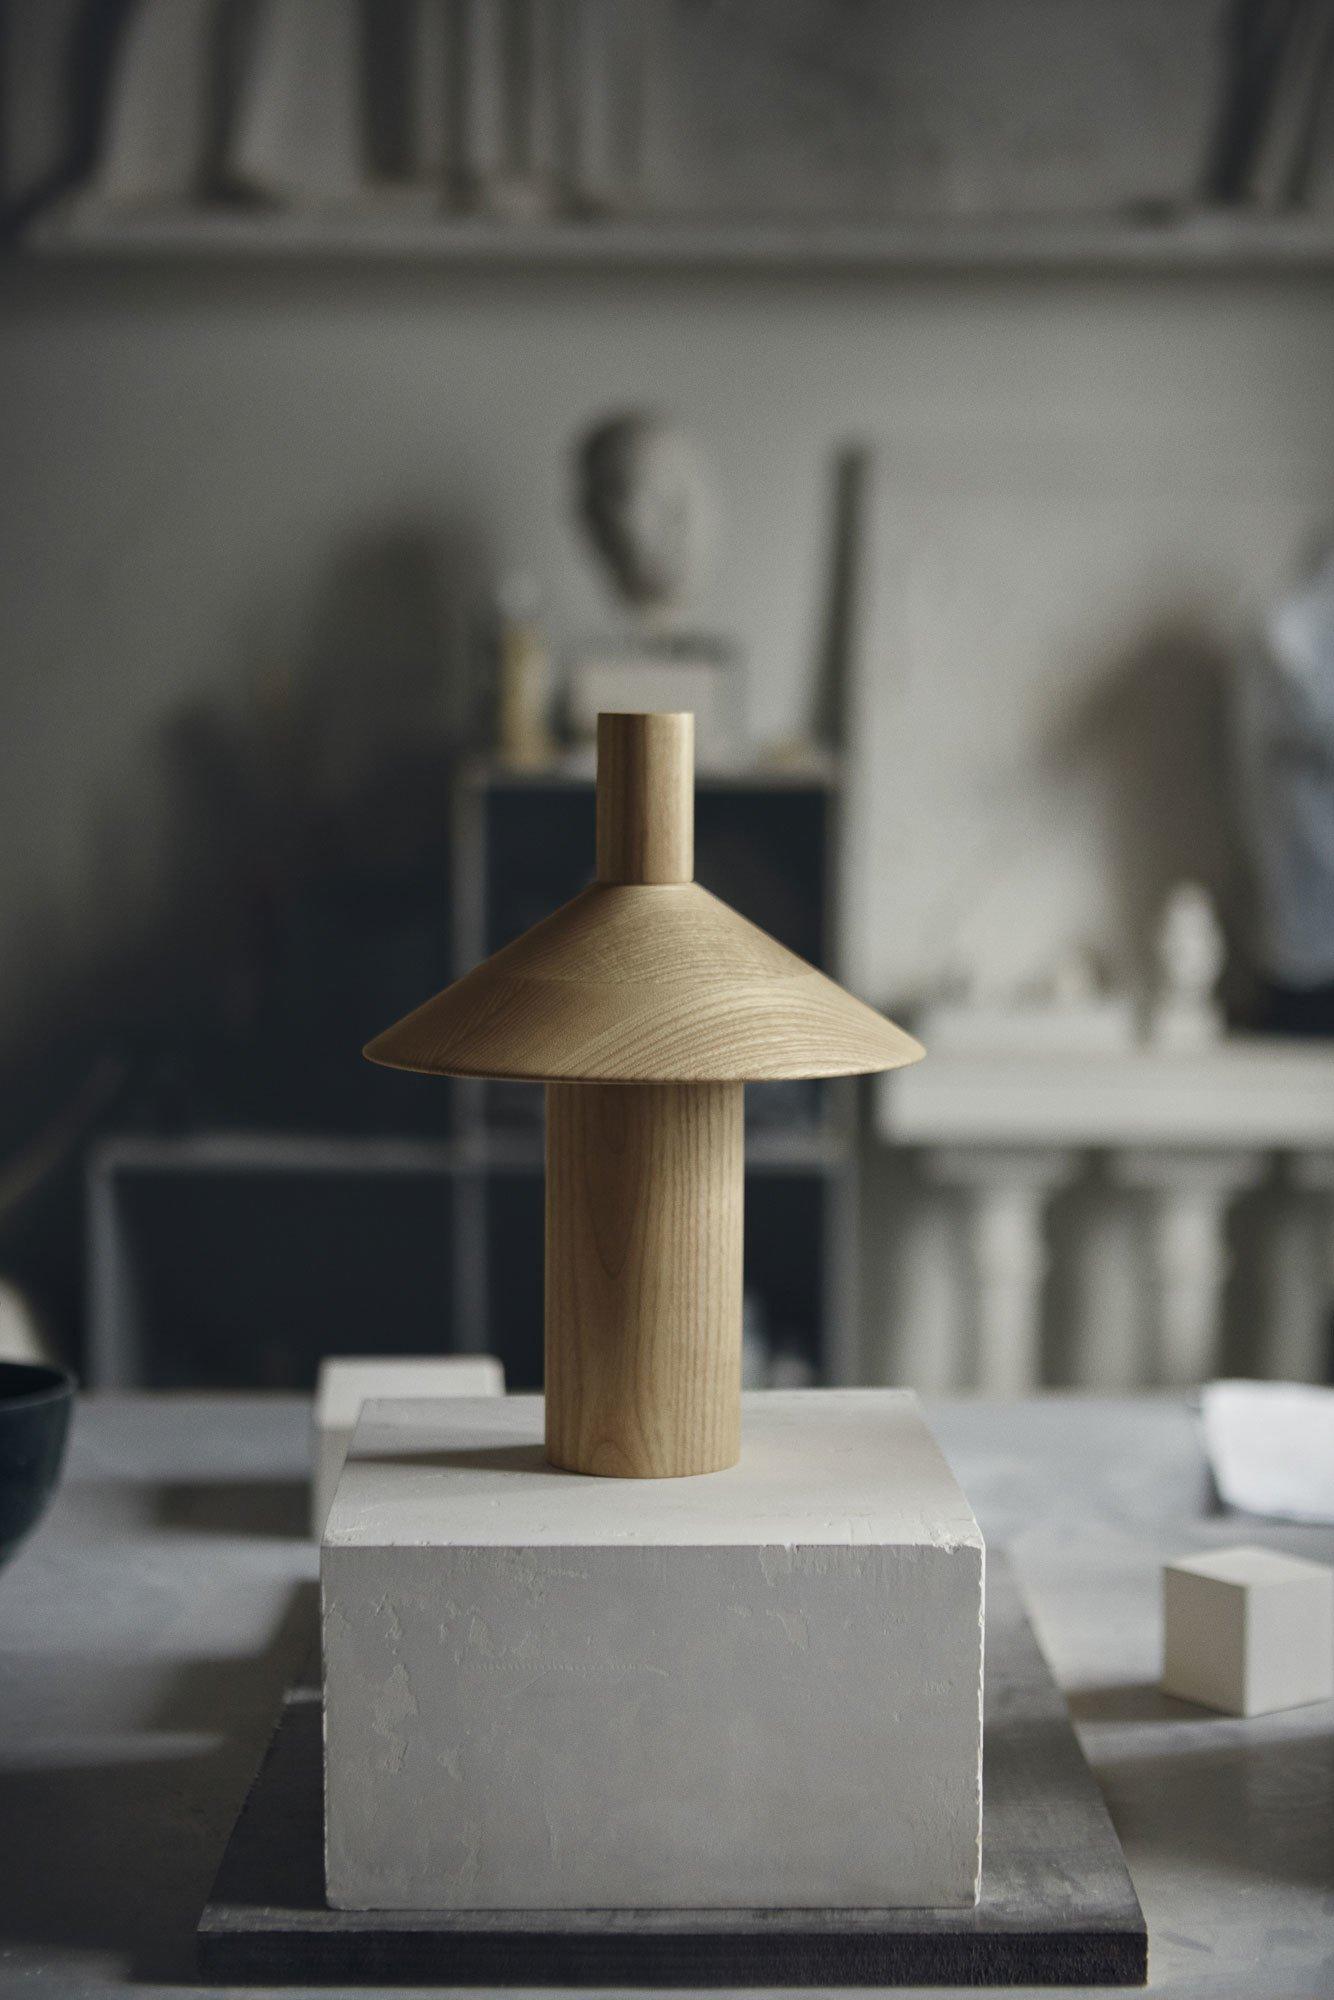 Mobile Tischleuchte aus Eschenholz von Francesco Faccin für Astep